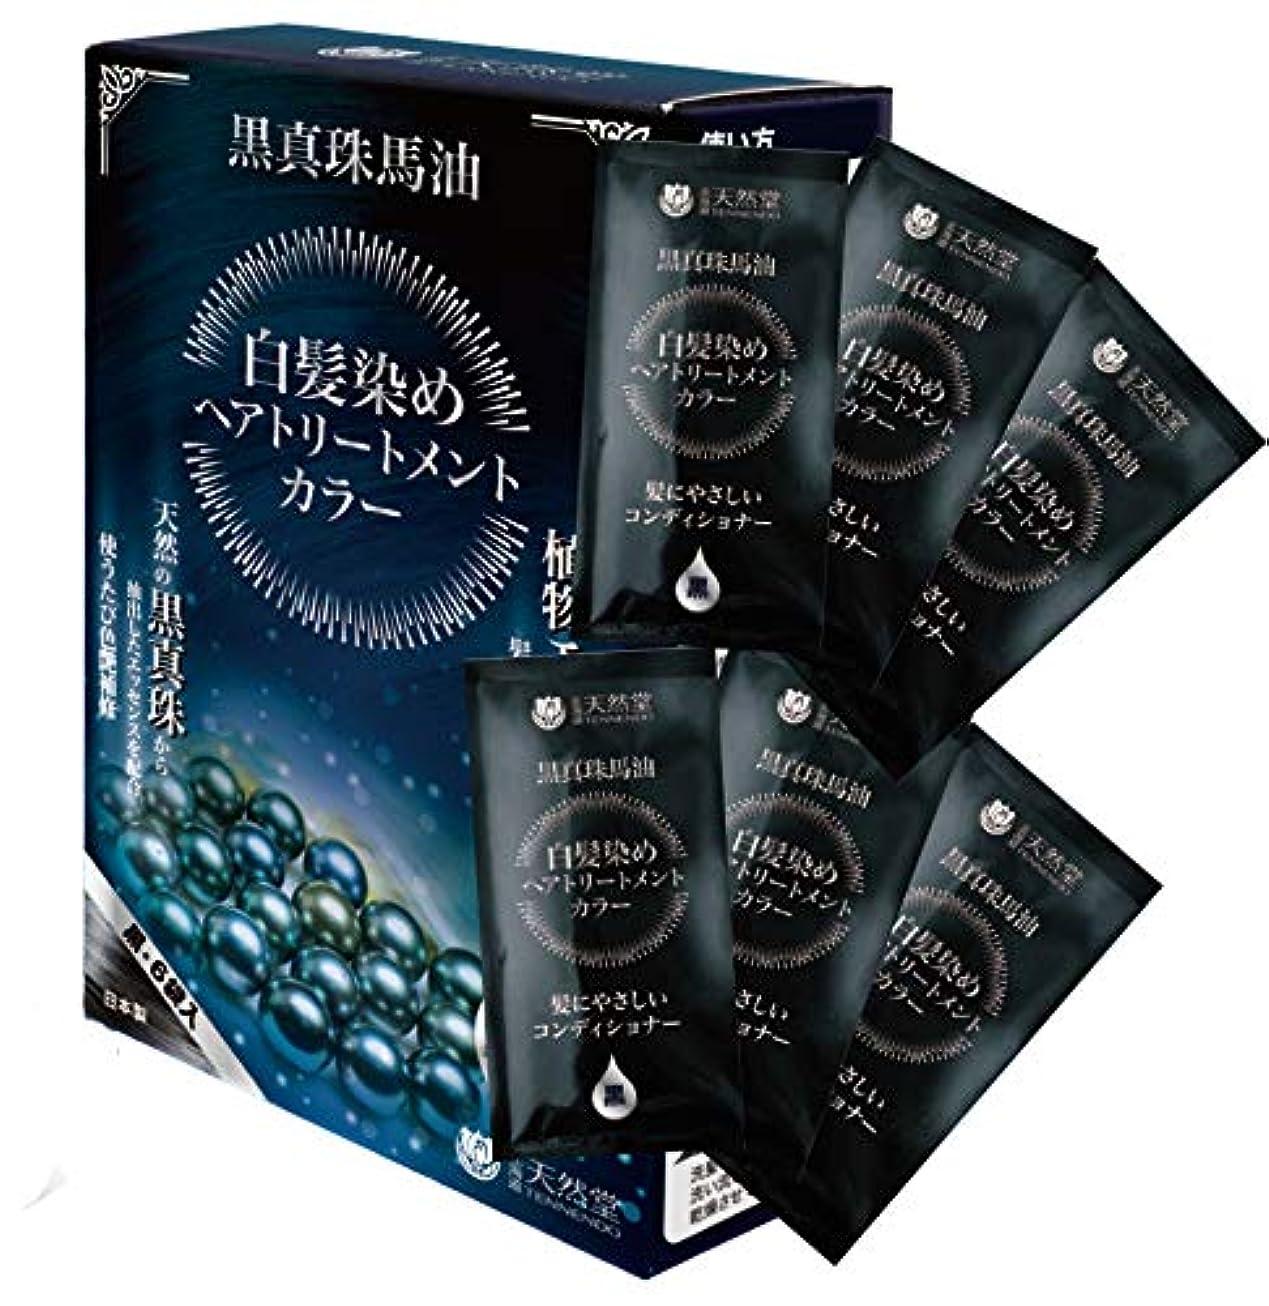 楽観作業ショルダー黒真珠馬油 白髪染め へアトリートメントカラー (黒) 20g×6 / 北海道天然堂